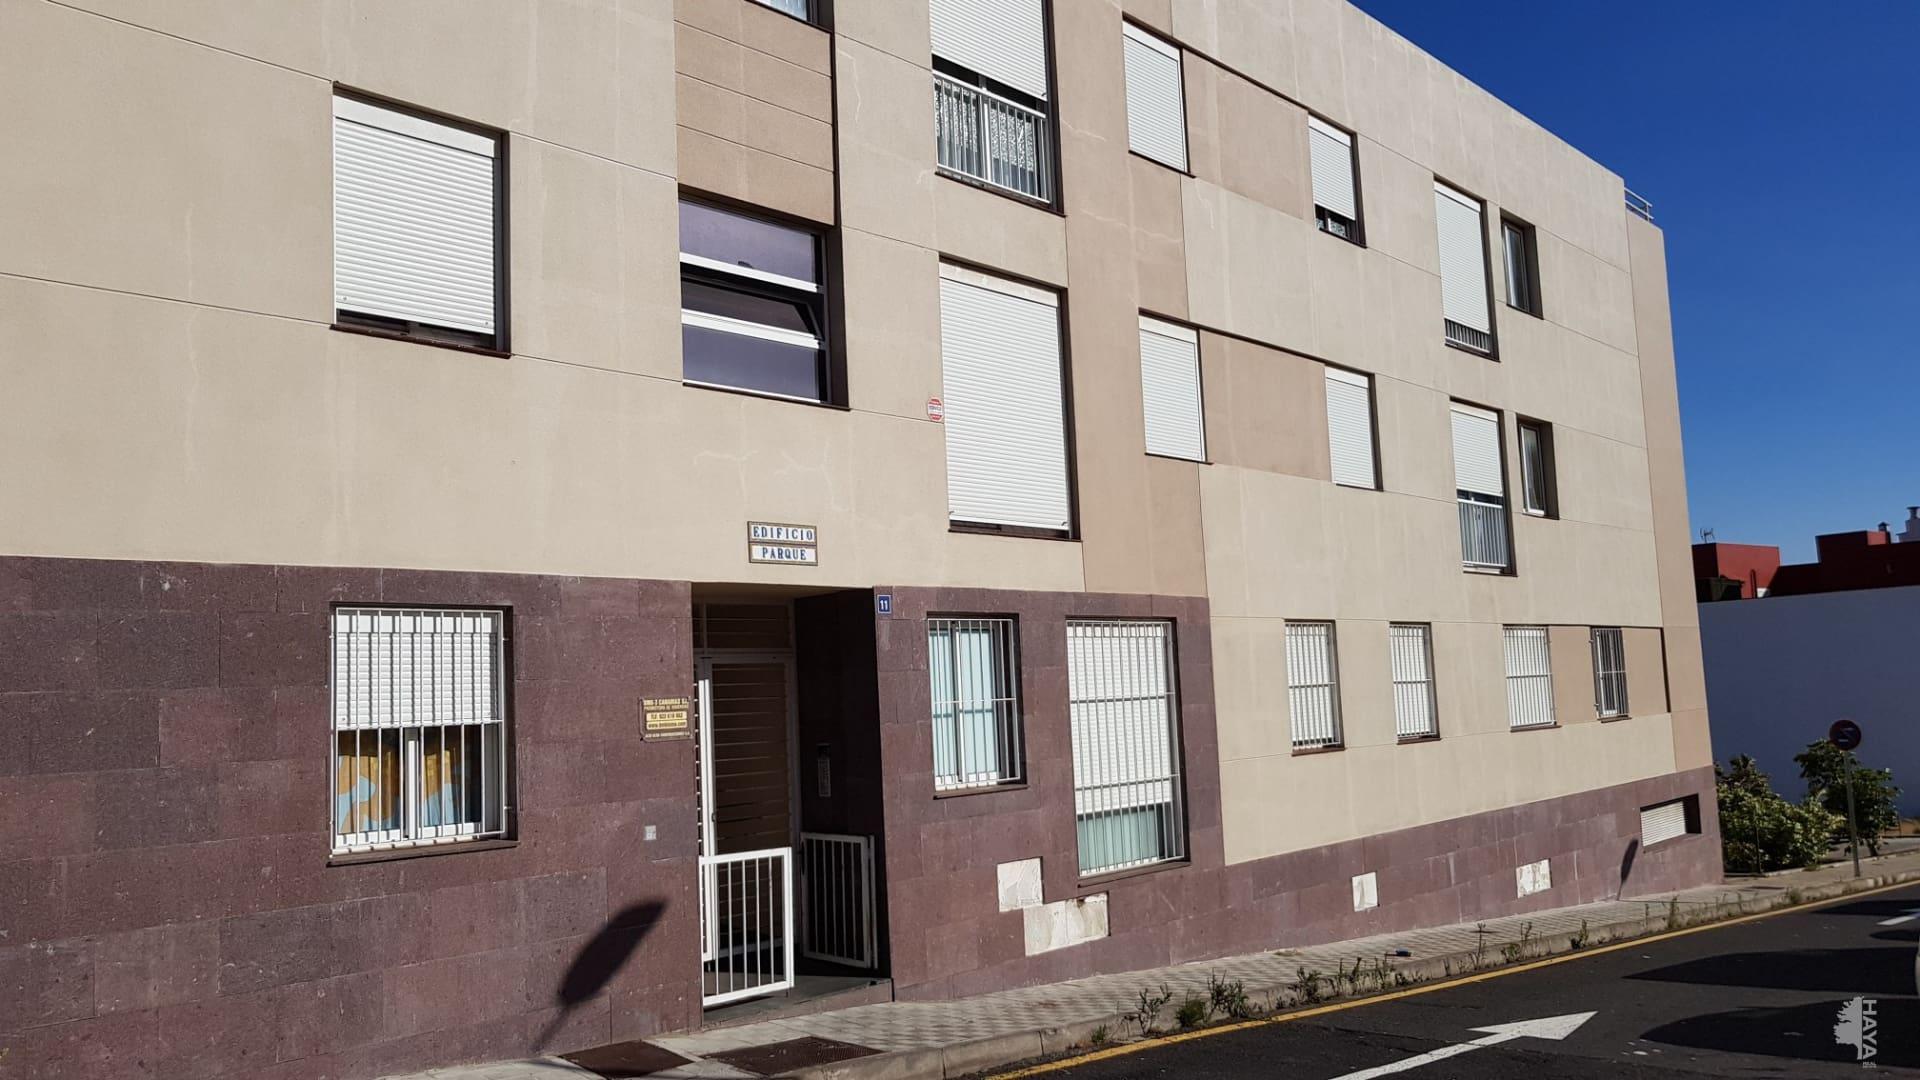 Piso en venta en Suroeste, El Rosario, Santa Cruz de Tenerife, Calle Bajío, 83.000 €, 3 habitaciones, 1 baño, 98 m2